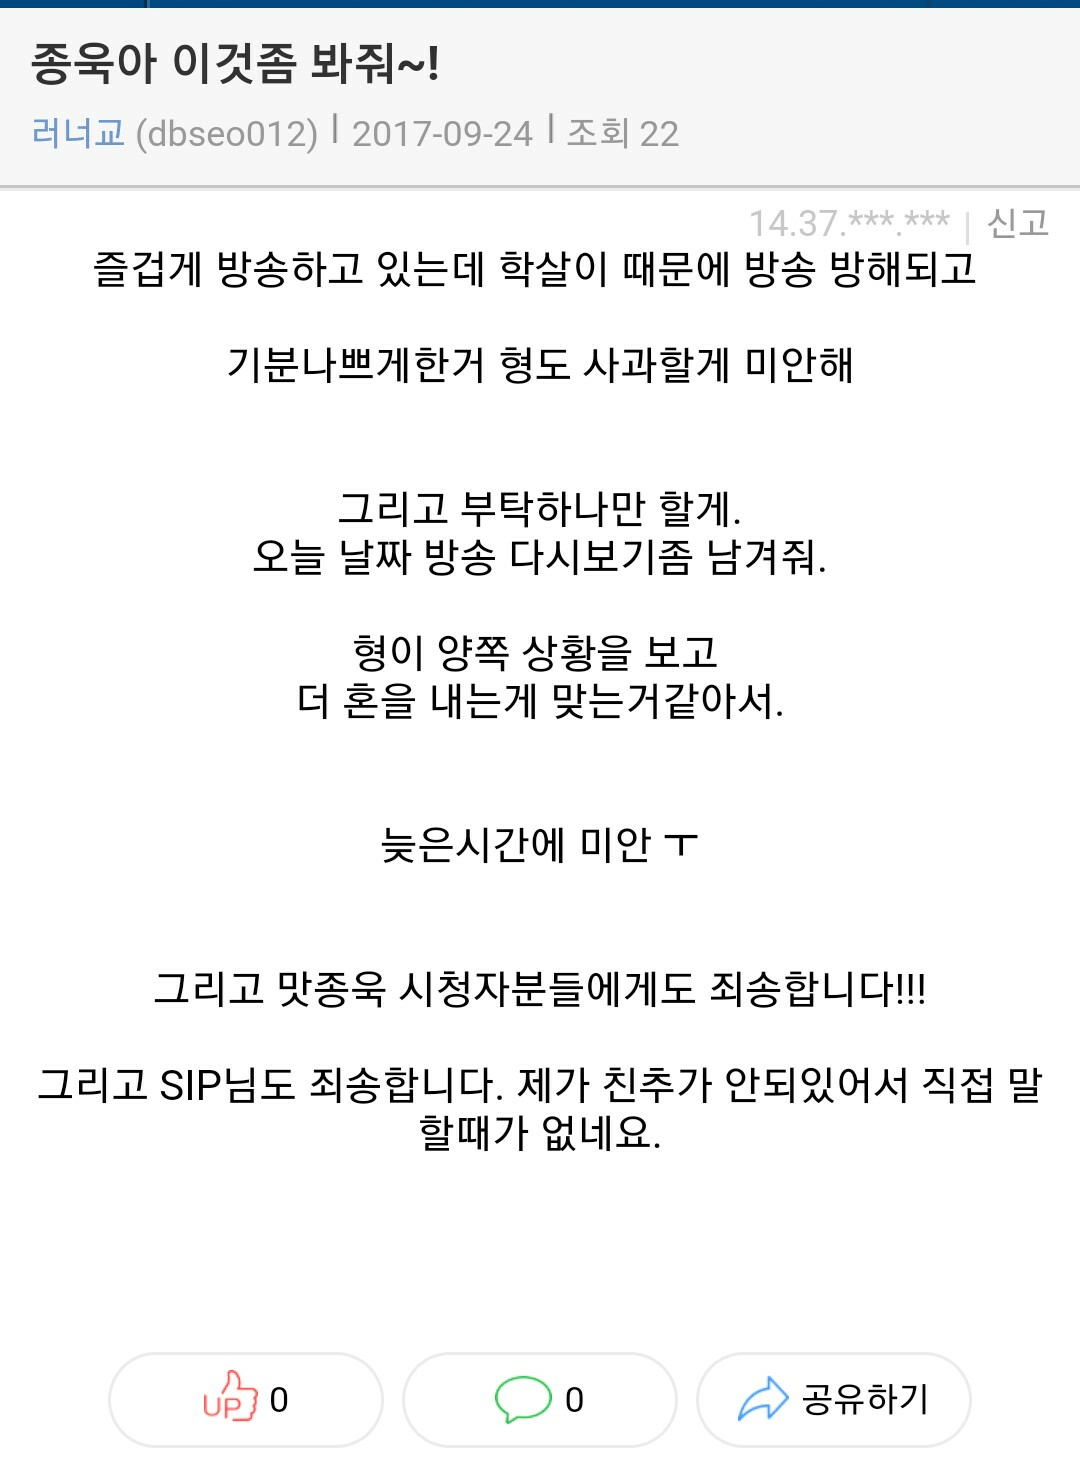 i13839950896.png E스포츠팀 최초 사과문 전문팀